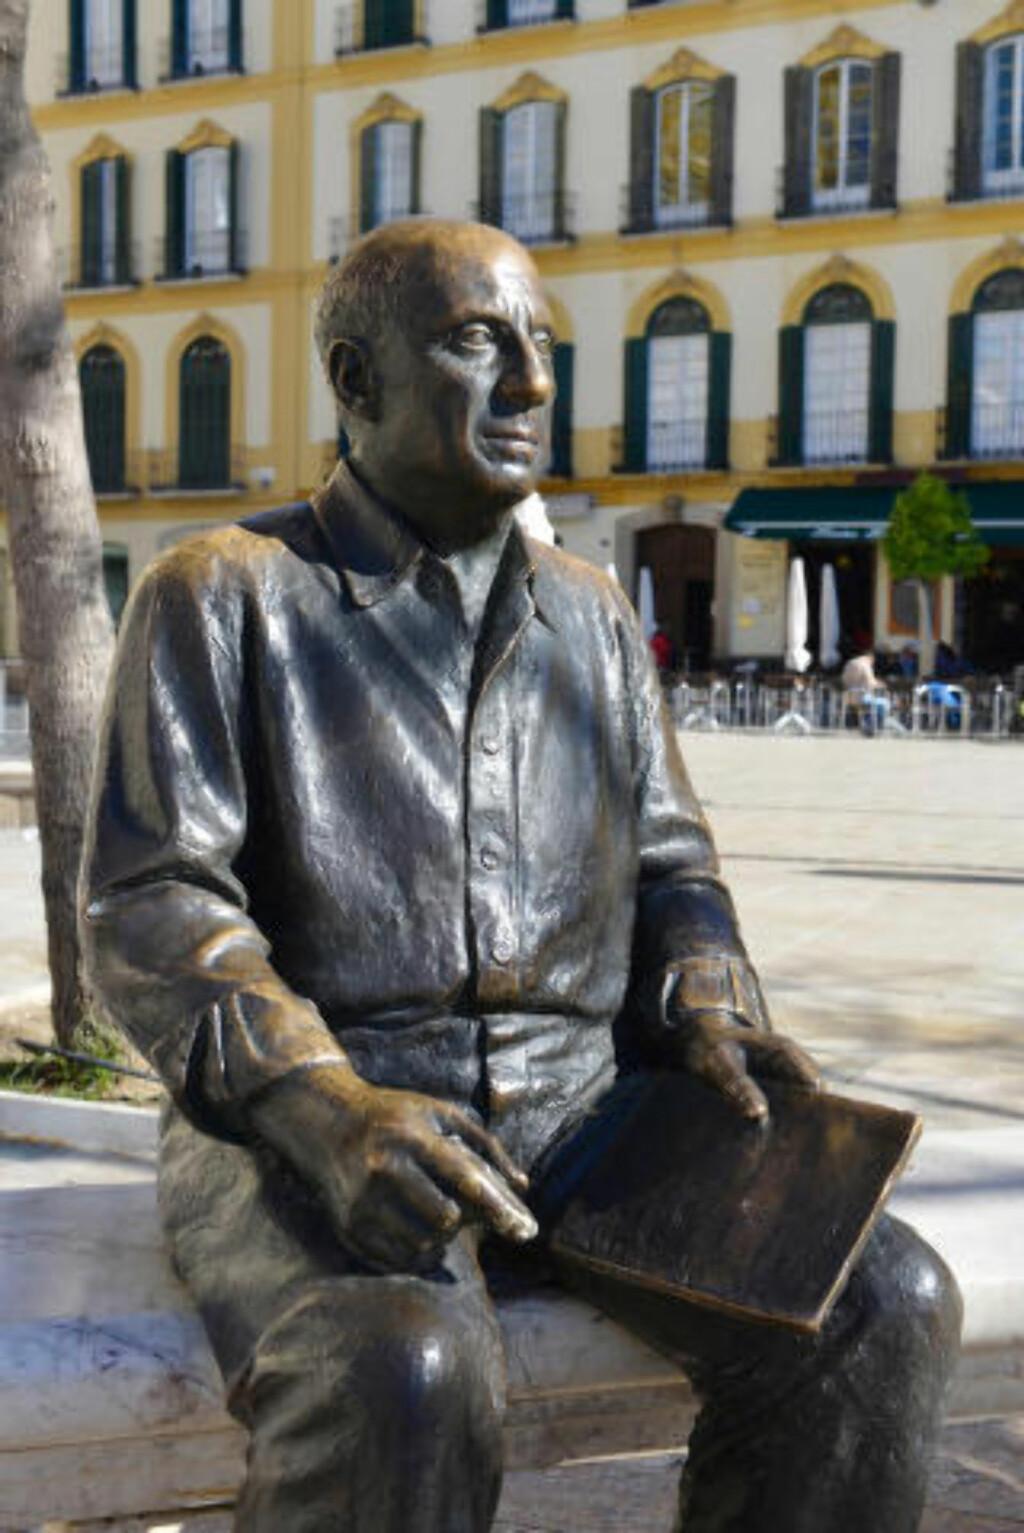 BYENS STOLTHET: Pablo Picasso er en av verdens aller mest kjente kunstnere. Så det er ikke rart at plazaen hvor han vokste opp, har fått sin egen bronseskulptur. Foto: GJERMUND GLESNES